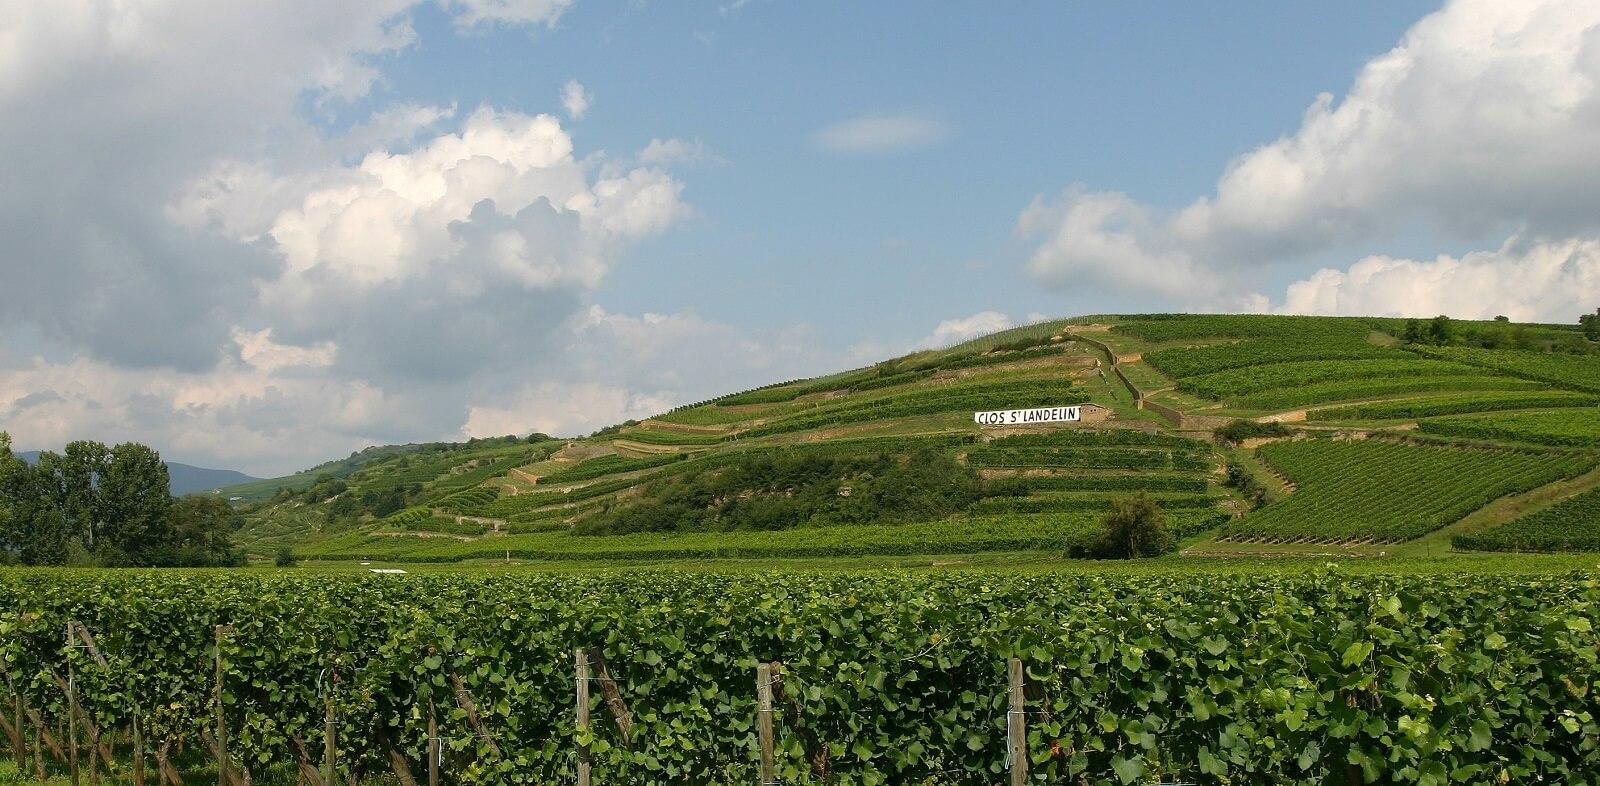 Vins René Muré - Clos Saint-Landelin, Rouffach, Pays de Rouffach, Vignobles et Châteaux, Haut-Rhin, Alsace